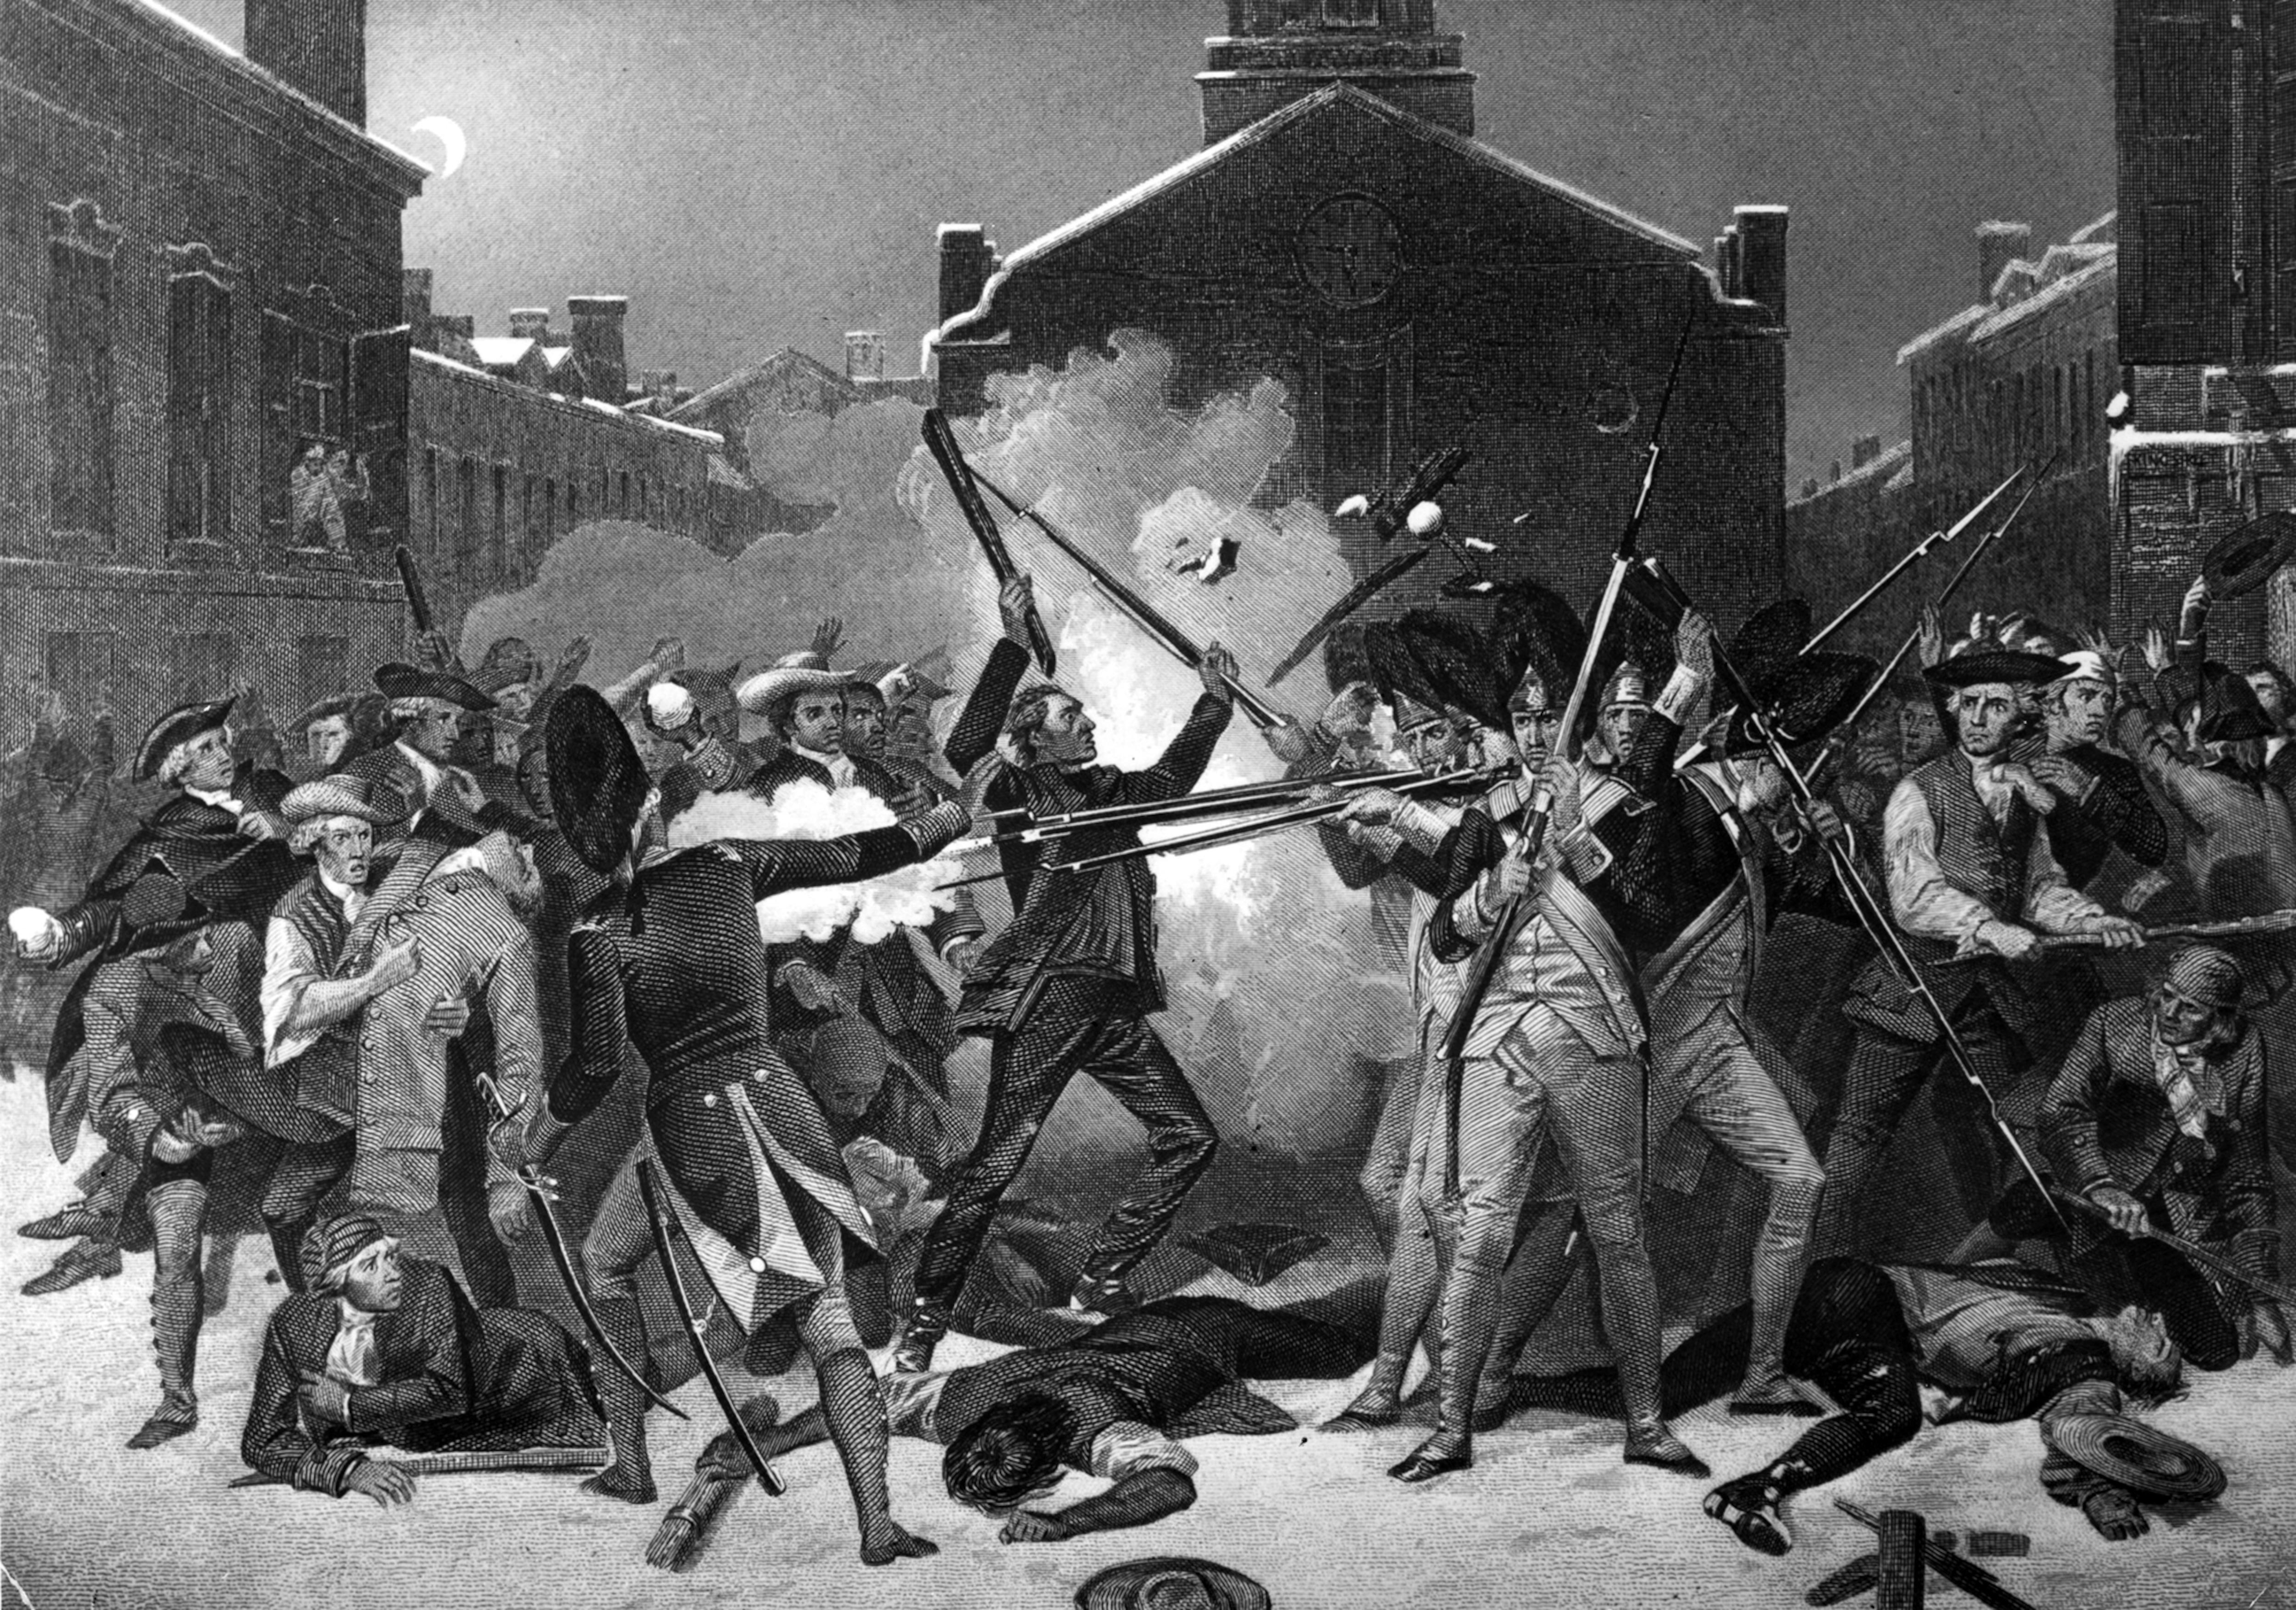 Une représentation du massacre de Boston, le 5 mars 1770. Des soldats ouvrent le feu sur une foule.